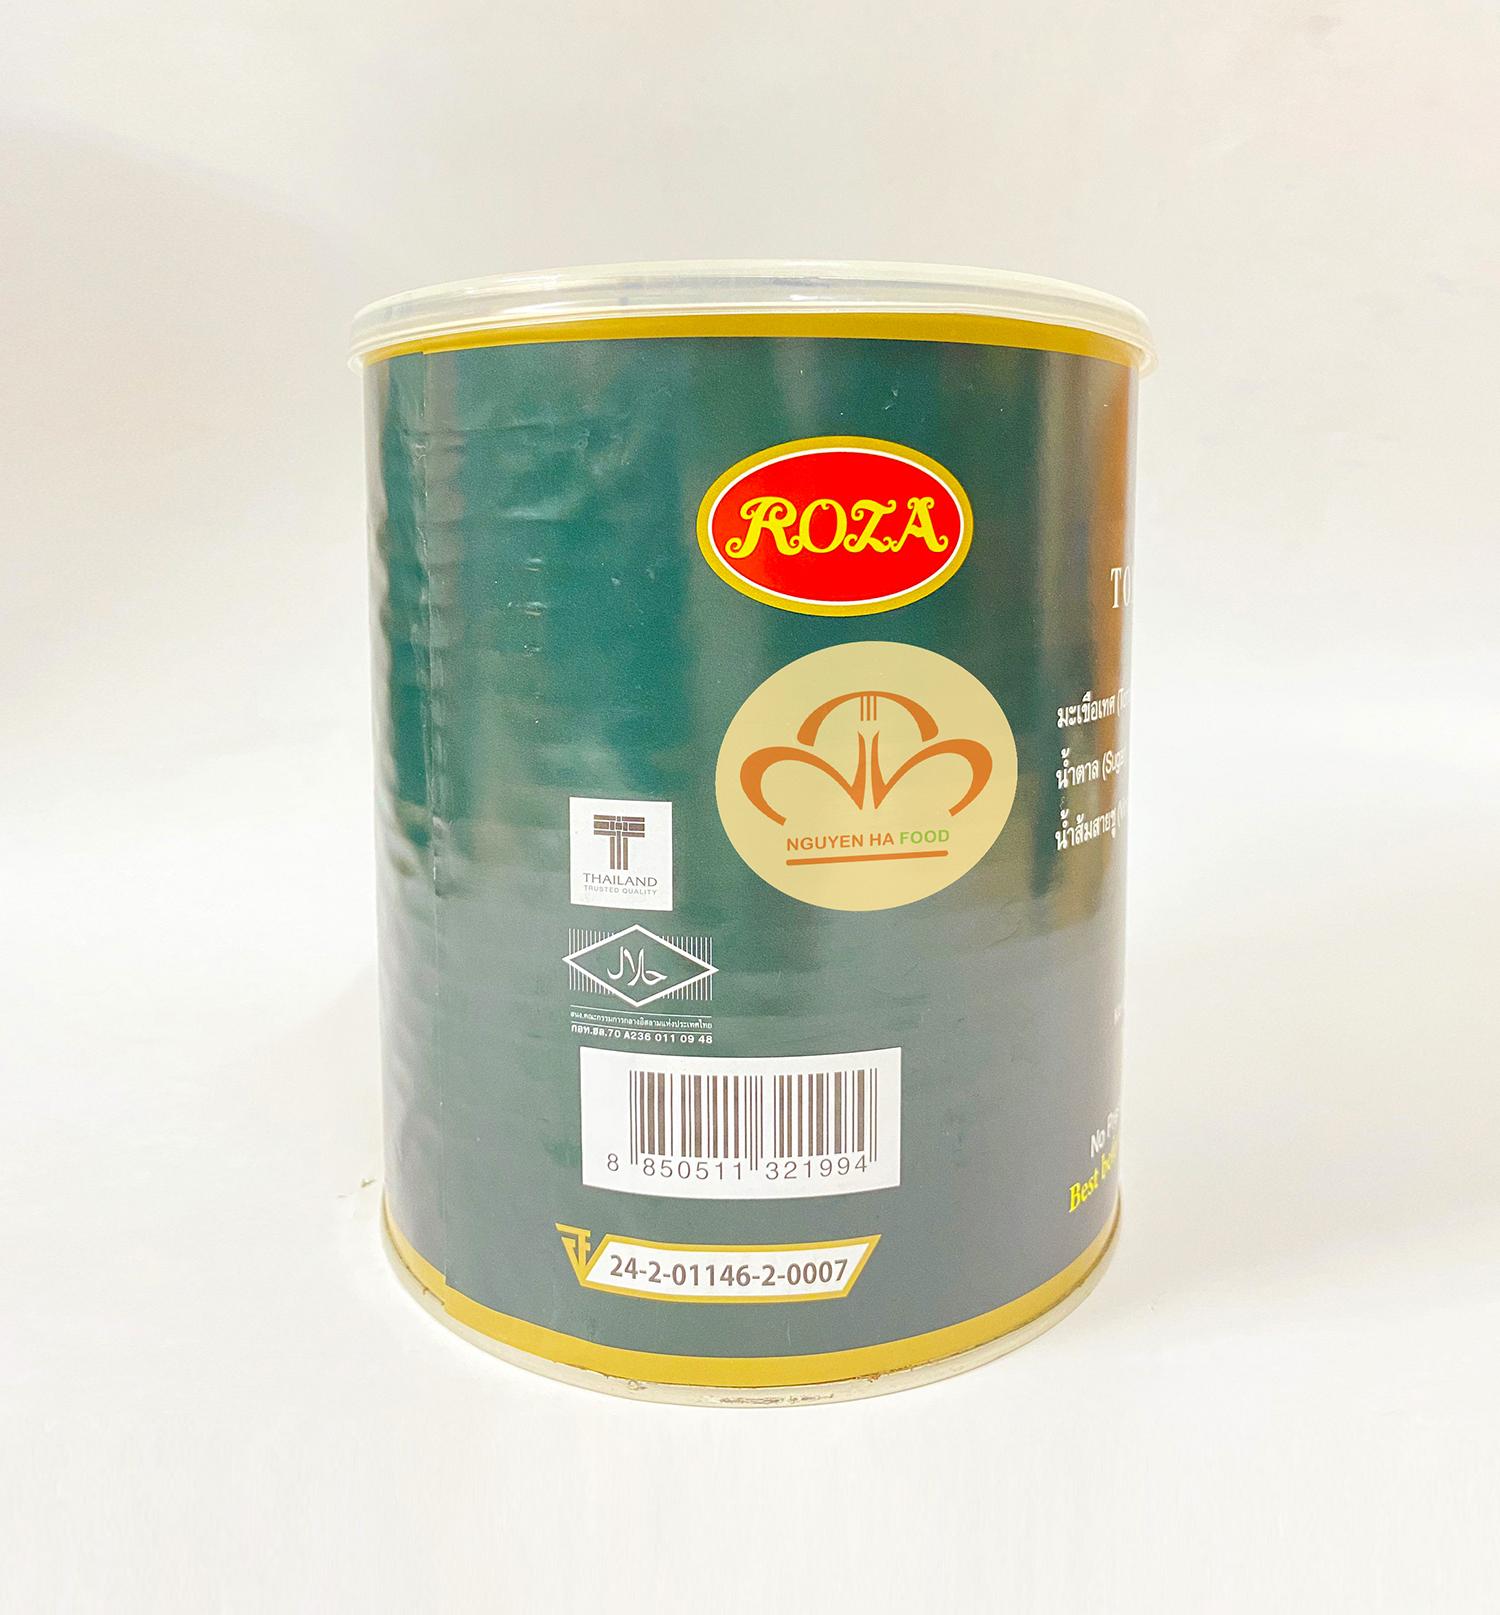 TUONG CA ROZA - TOMATO KETCHUP - NGUYEN HA FOOD (2)